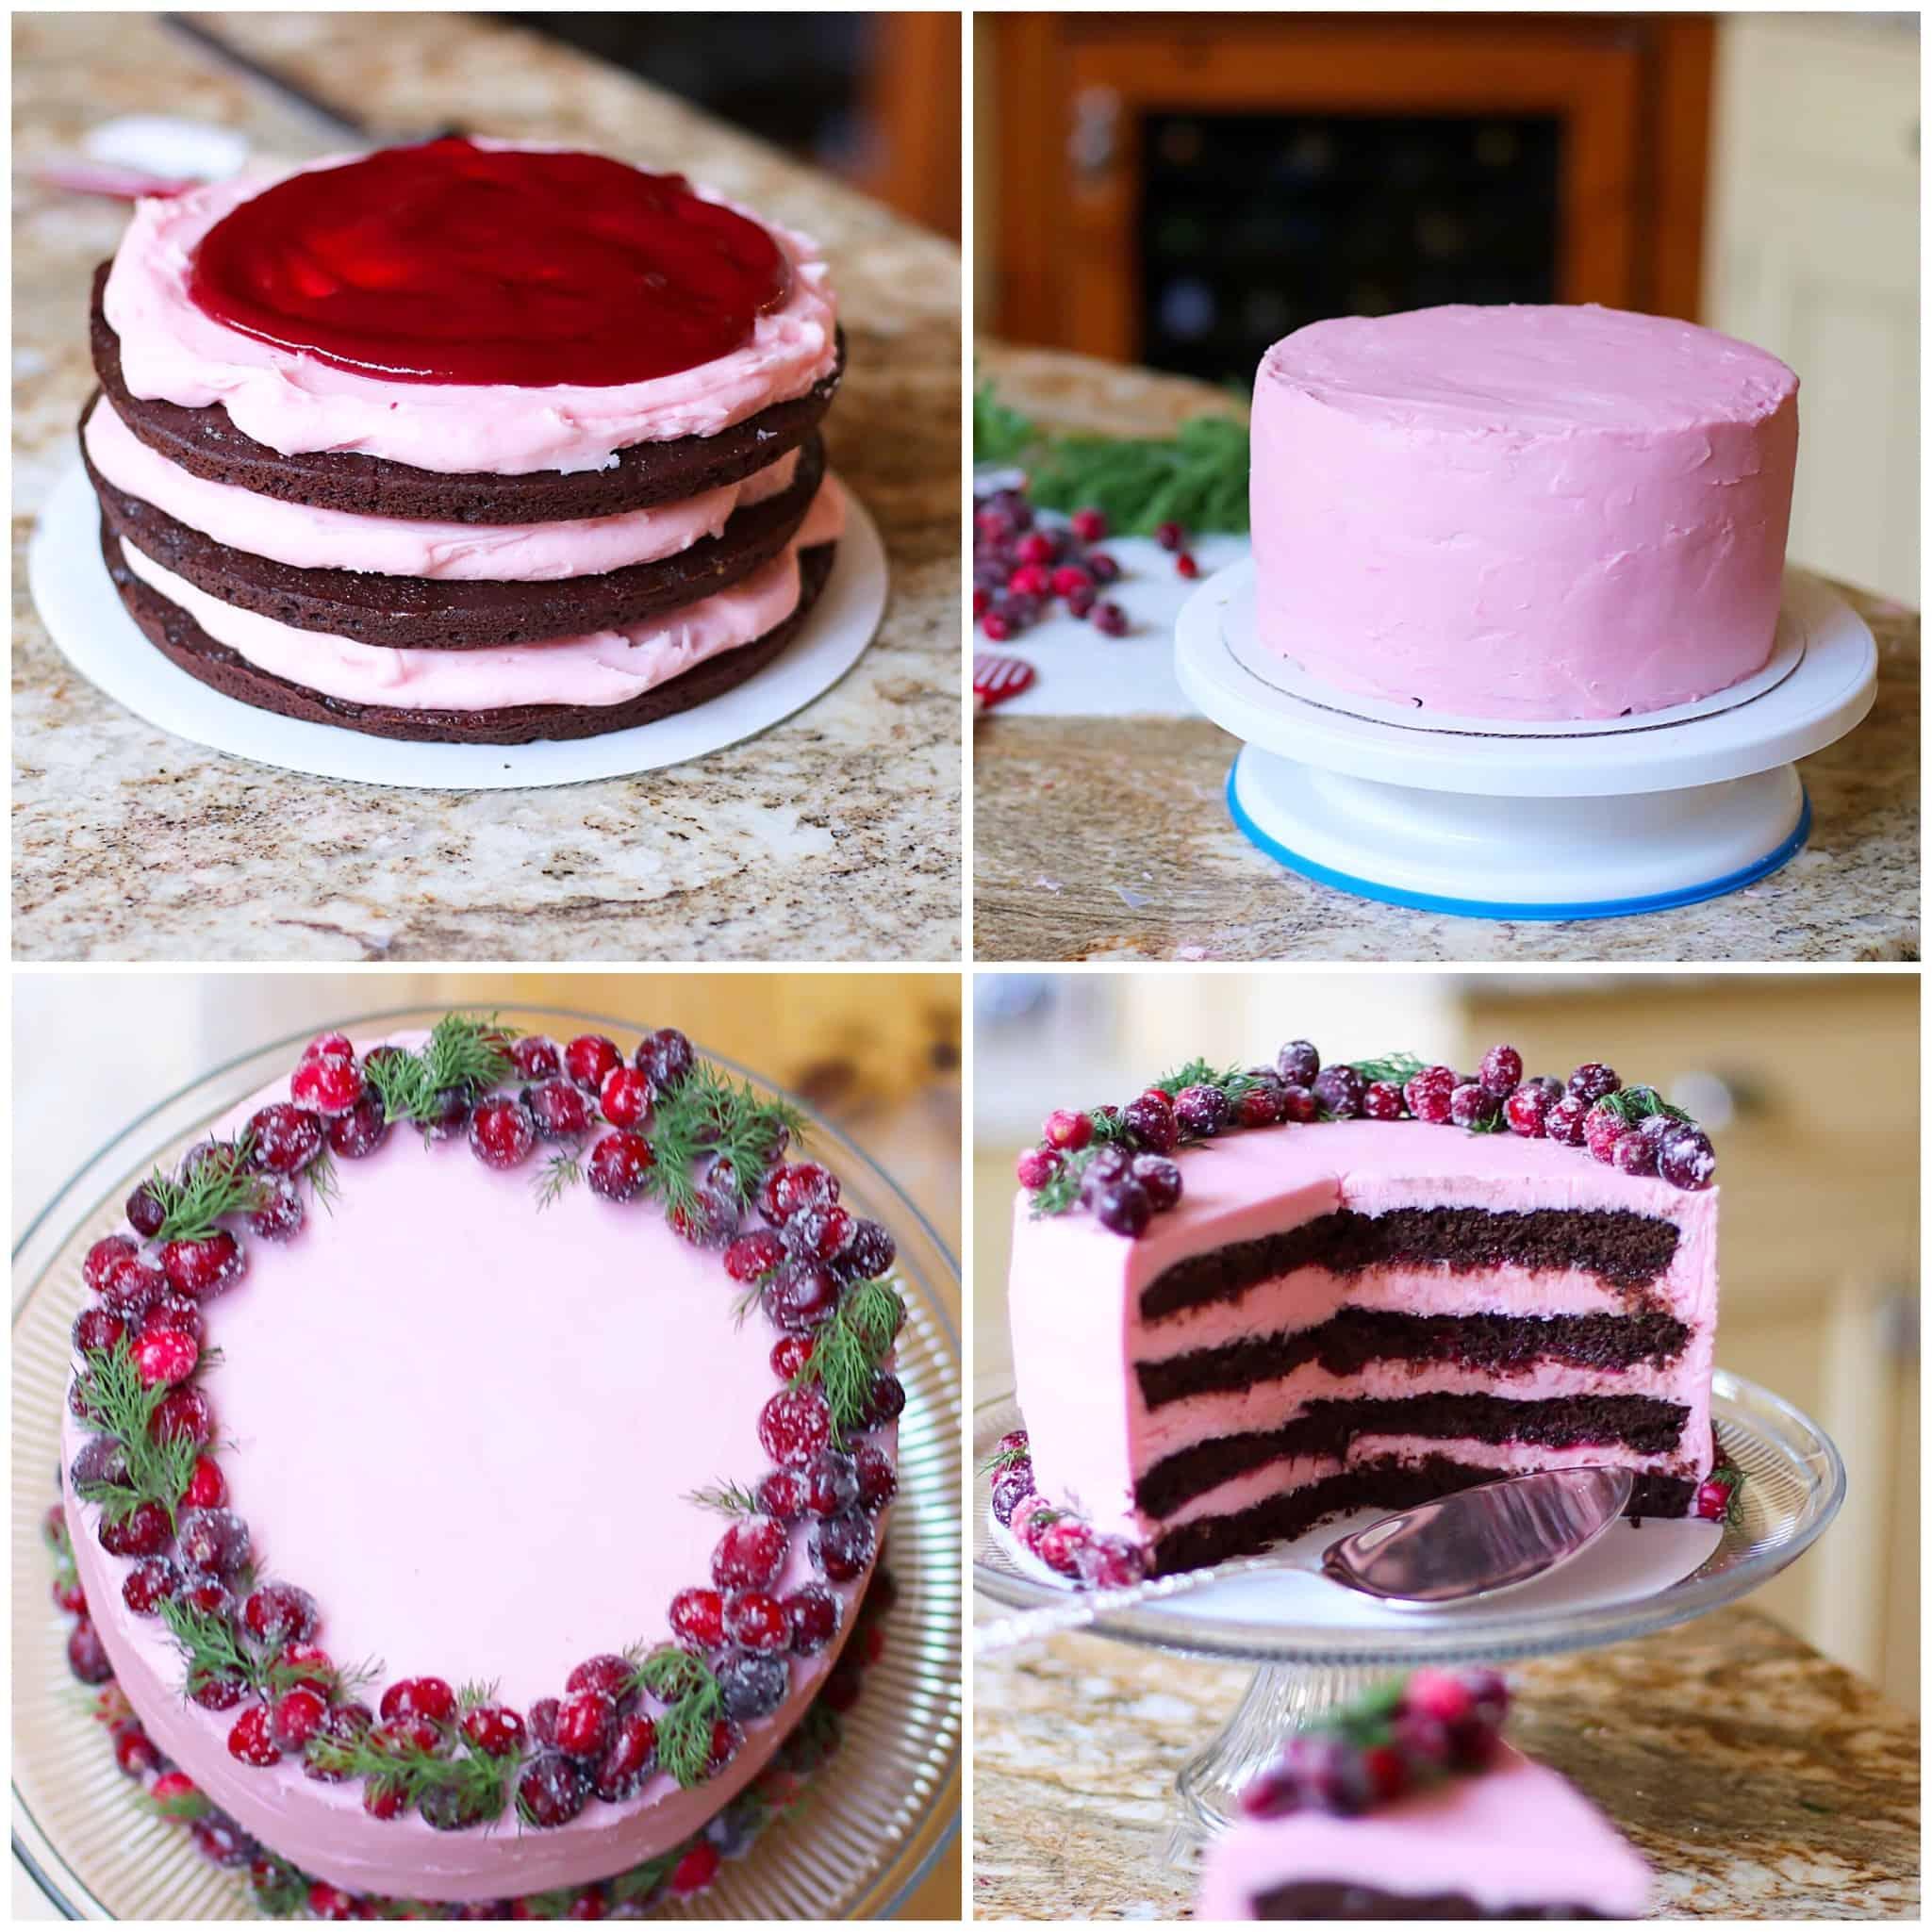 GF Choc Cran Cherry Cake wk 2